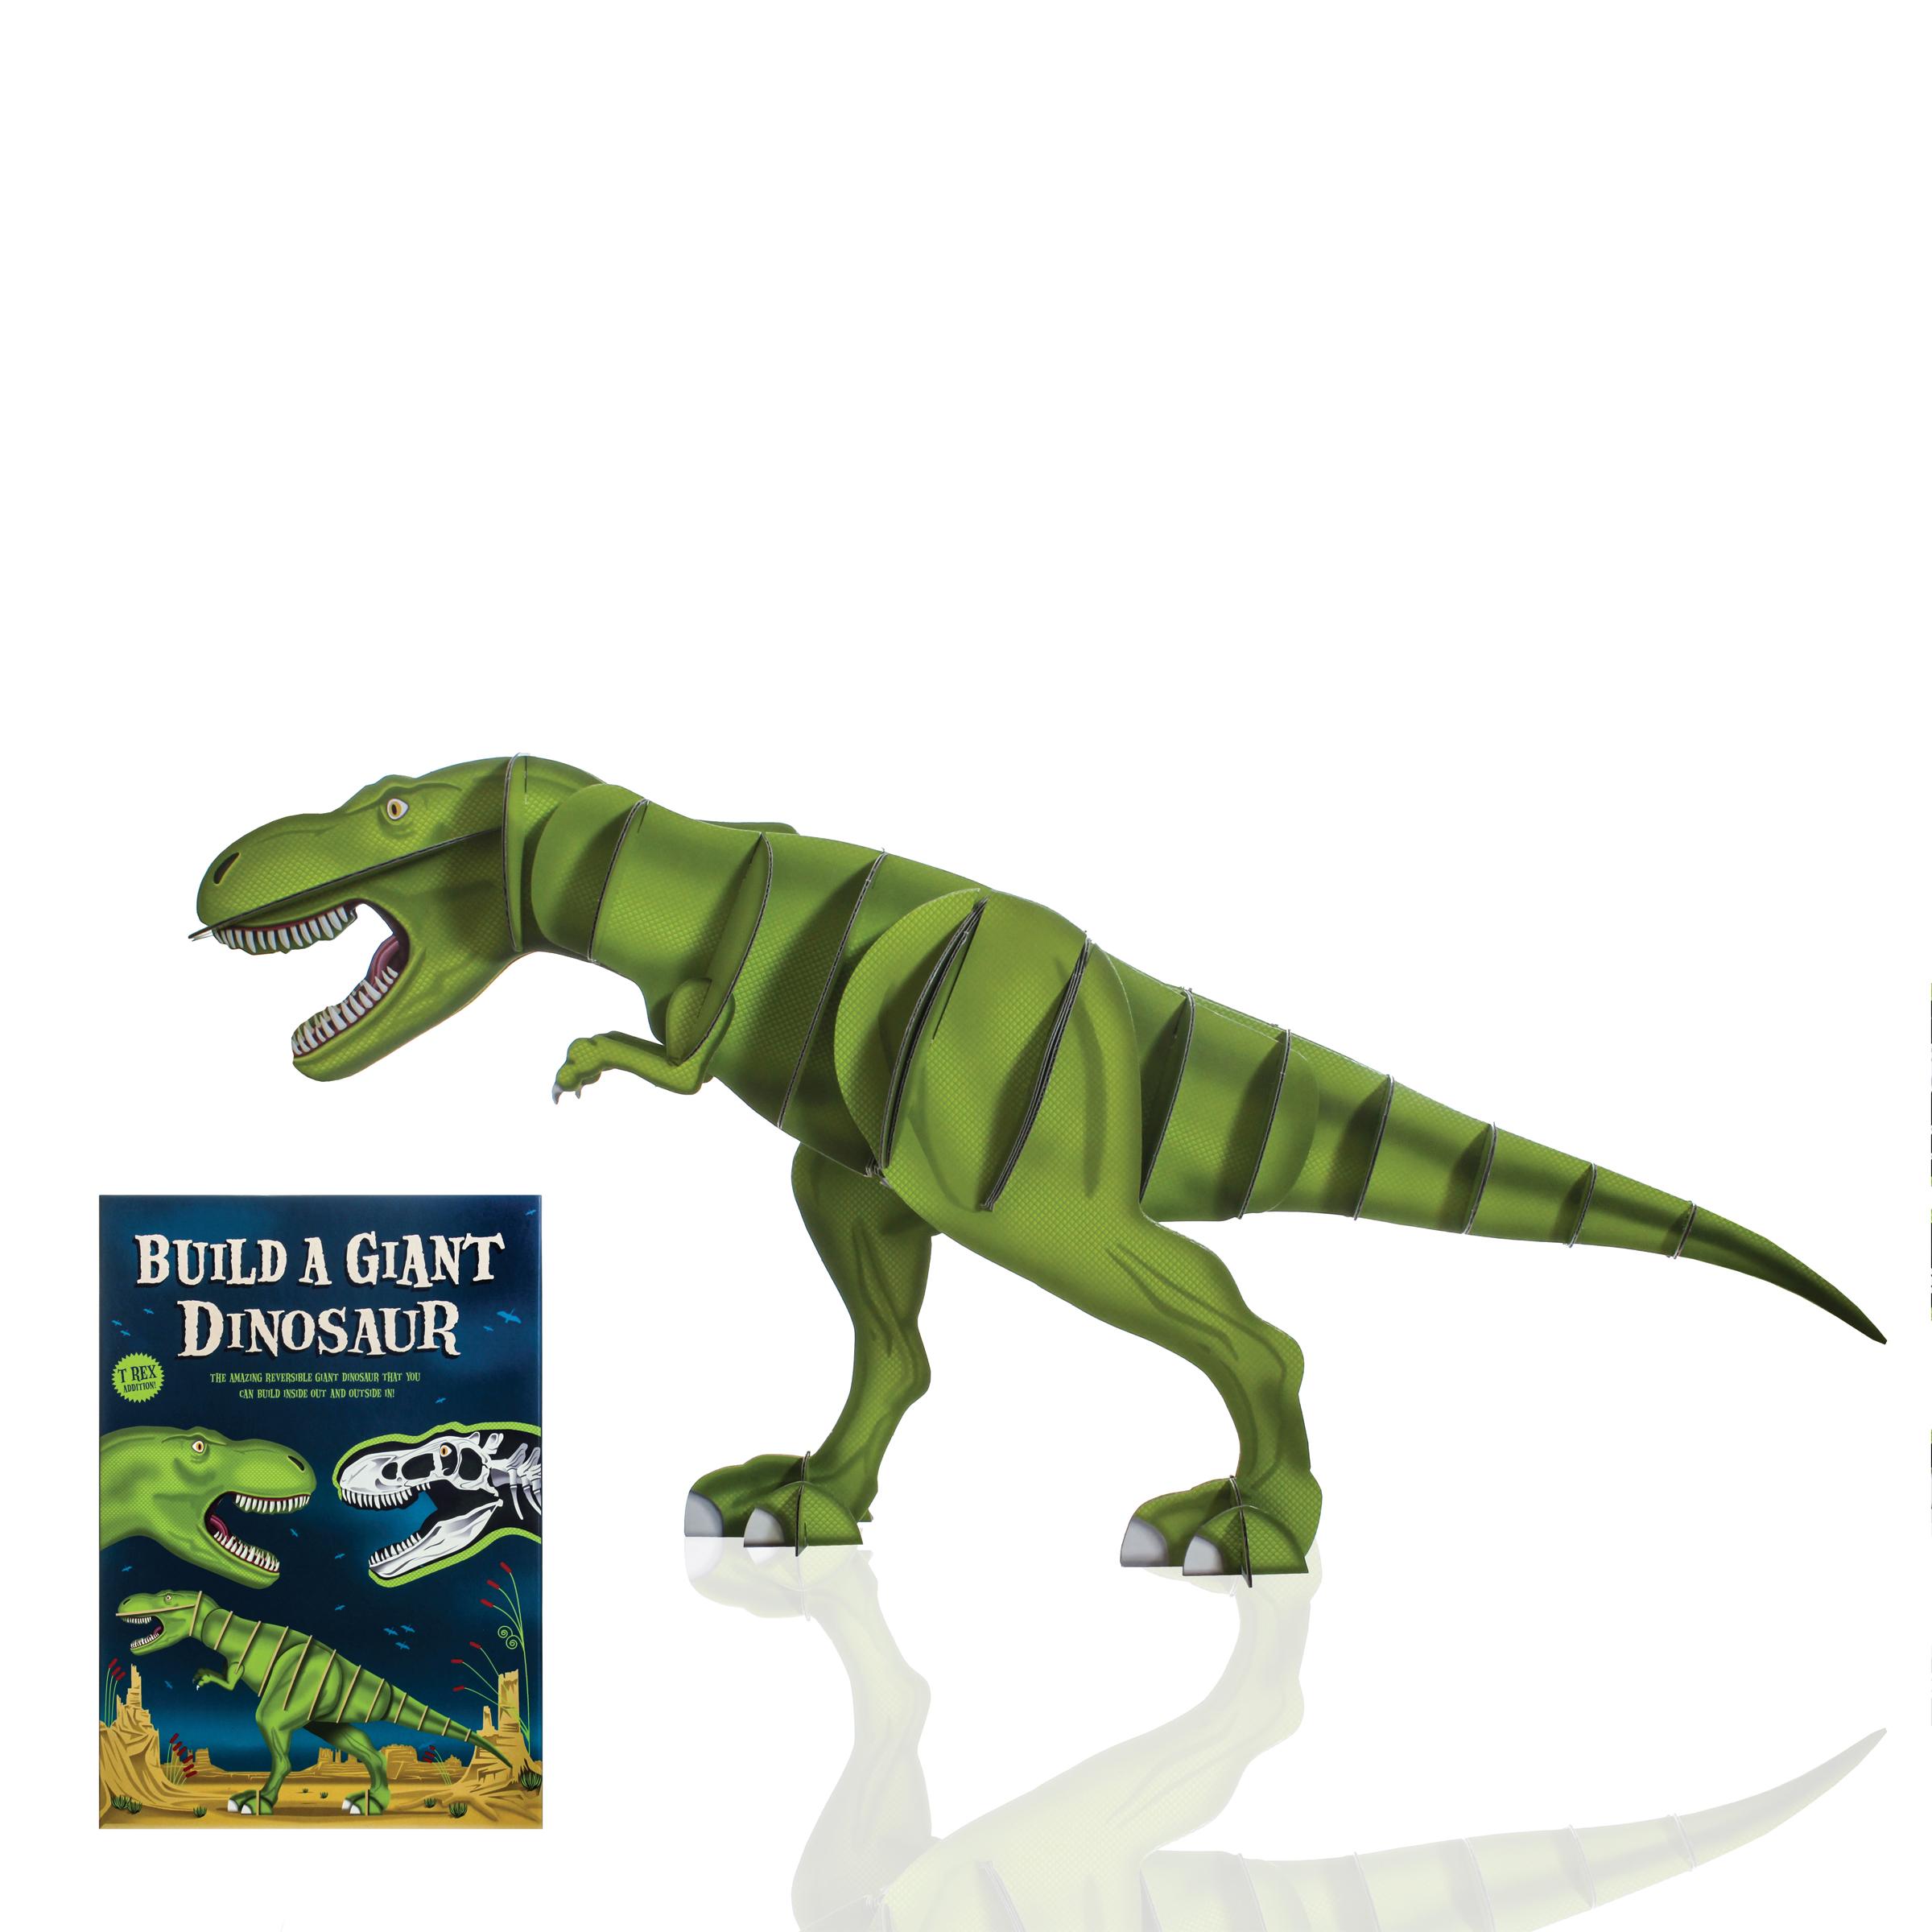 giant-dinosaur-model-kit-10.jpg